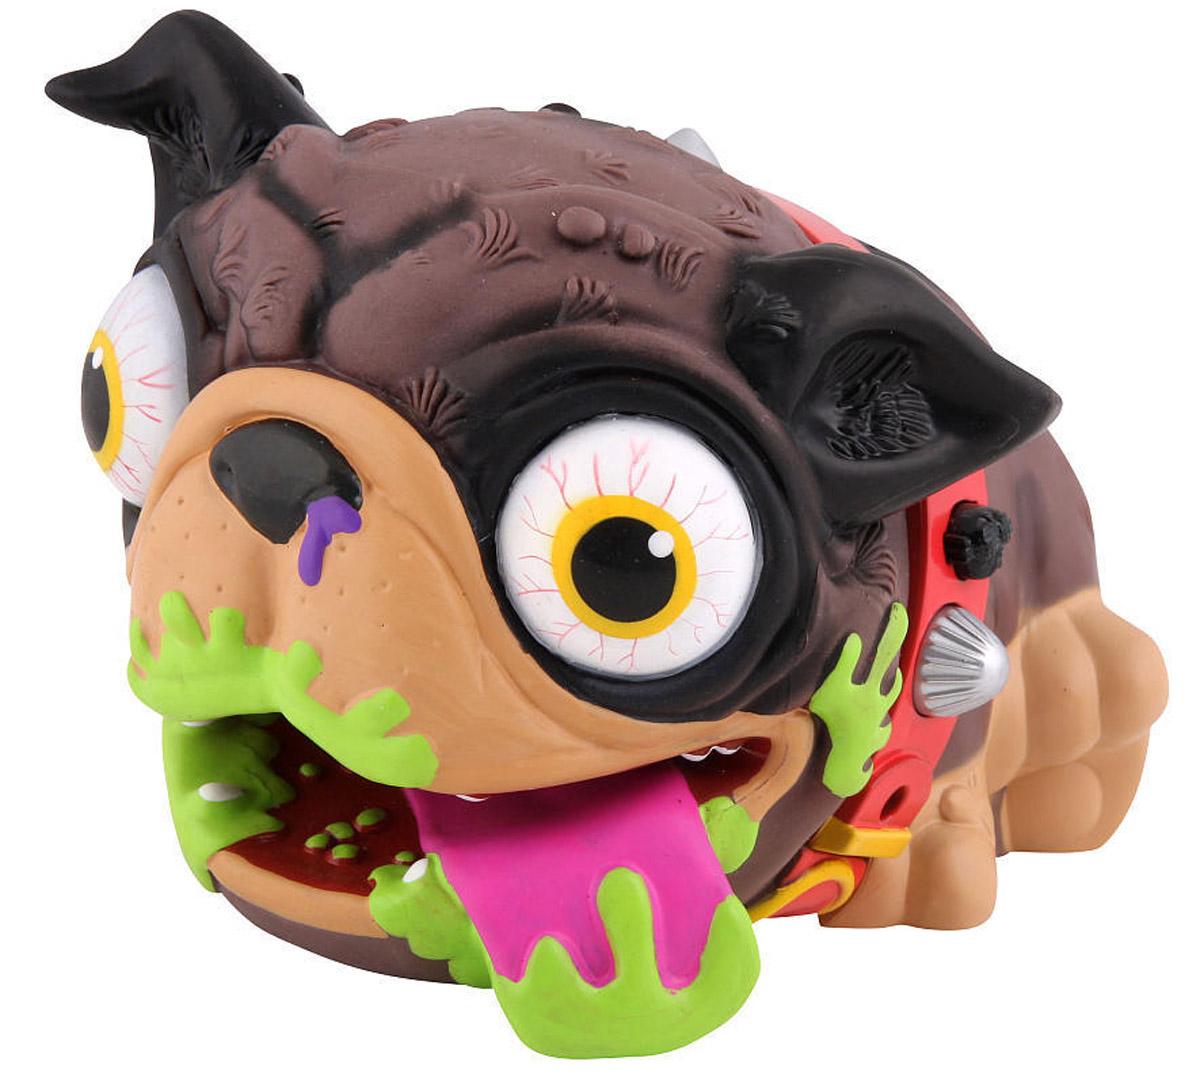 The Ugglys Электронная игрушка Мопс цвет ошейника красный19400_красный ошейникИнтерактивная игрушка The Ugglys Мопс - ваш невоспитанный лучший друг! Совершенно неординарная и оригинальная игрушка никого не оставит равнодушным. Надо признать, что этот в какой-то мере аморальный щенок не каждому придется по вкусу. Но при этом он на 100% рассмешит любого, даже самого угрюмого человека, своими выходками! Этот неряшливый песик представляет из себя игрушку-перчатку. Он может рыгать и никогда не держит в себе газы (издает подобие звука), а специальный регулятор на ошейнике изменяет тональность издаваемых мопсом звуков. Широко откройте рот собаке и она издаст громкую отрыжку, длительность которой зависит от того, когда песик закроет рот. Если же игрушке закрыть рот - звук выпускаемых газов не заставит вас долго ждать! И это еще малая часть неожиданных приколов, которые вам может подарить этот мопс. Всего он издает около 30 различных смешных звуков! Яркий и необычный дизайн The Ugglys - это само воплощение неряшливости и неопрятности! Высунутый язык,...